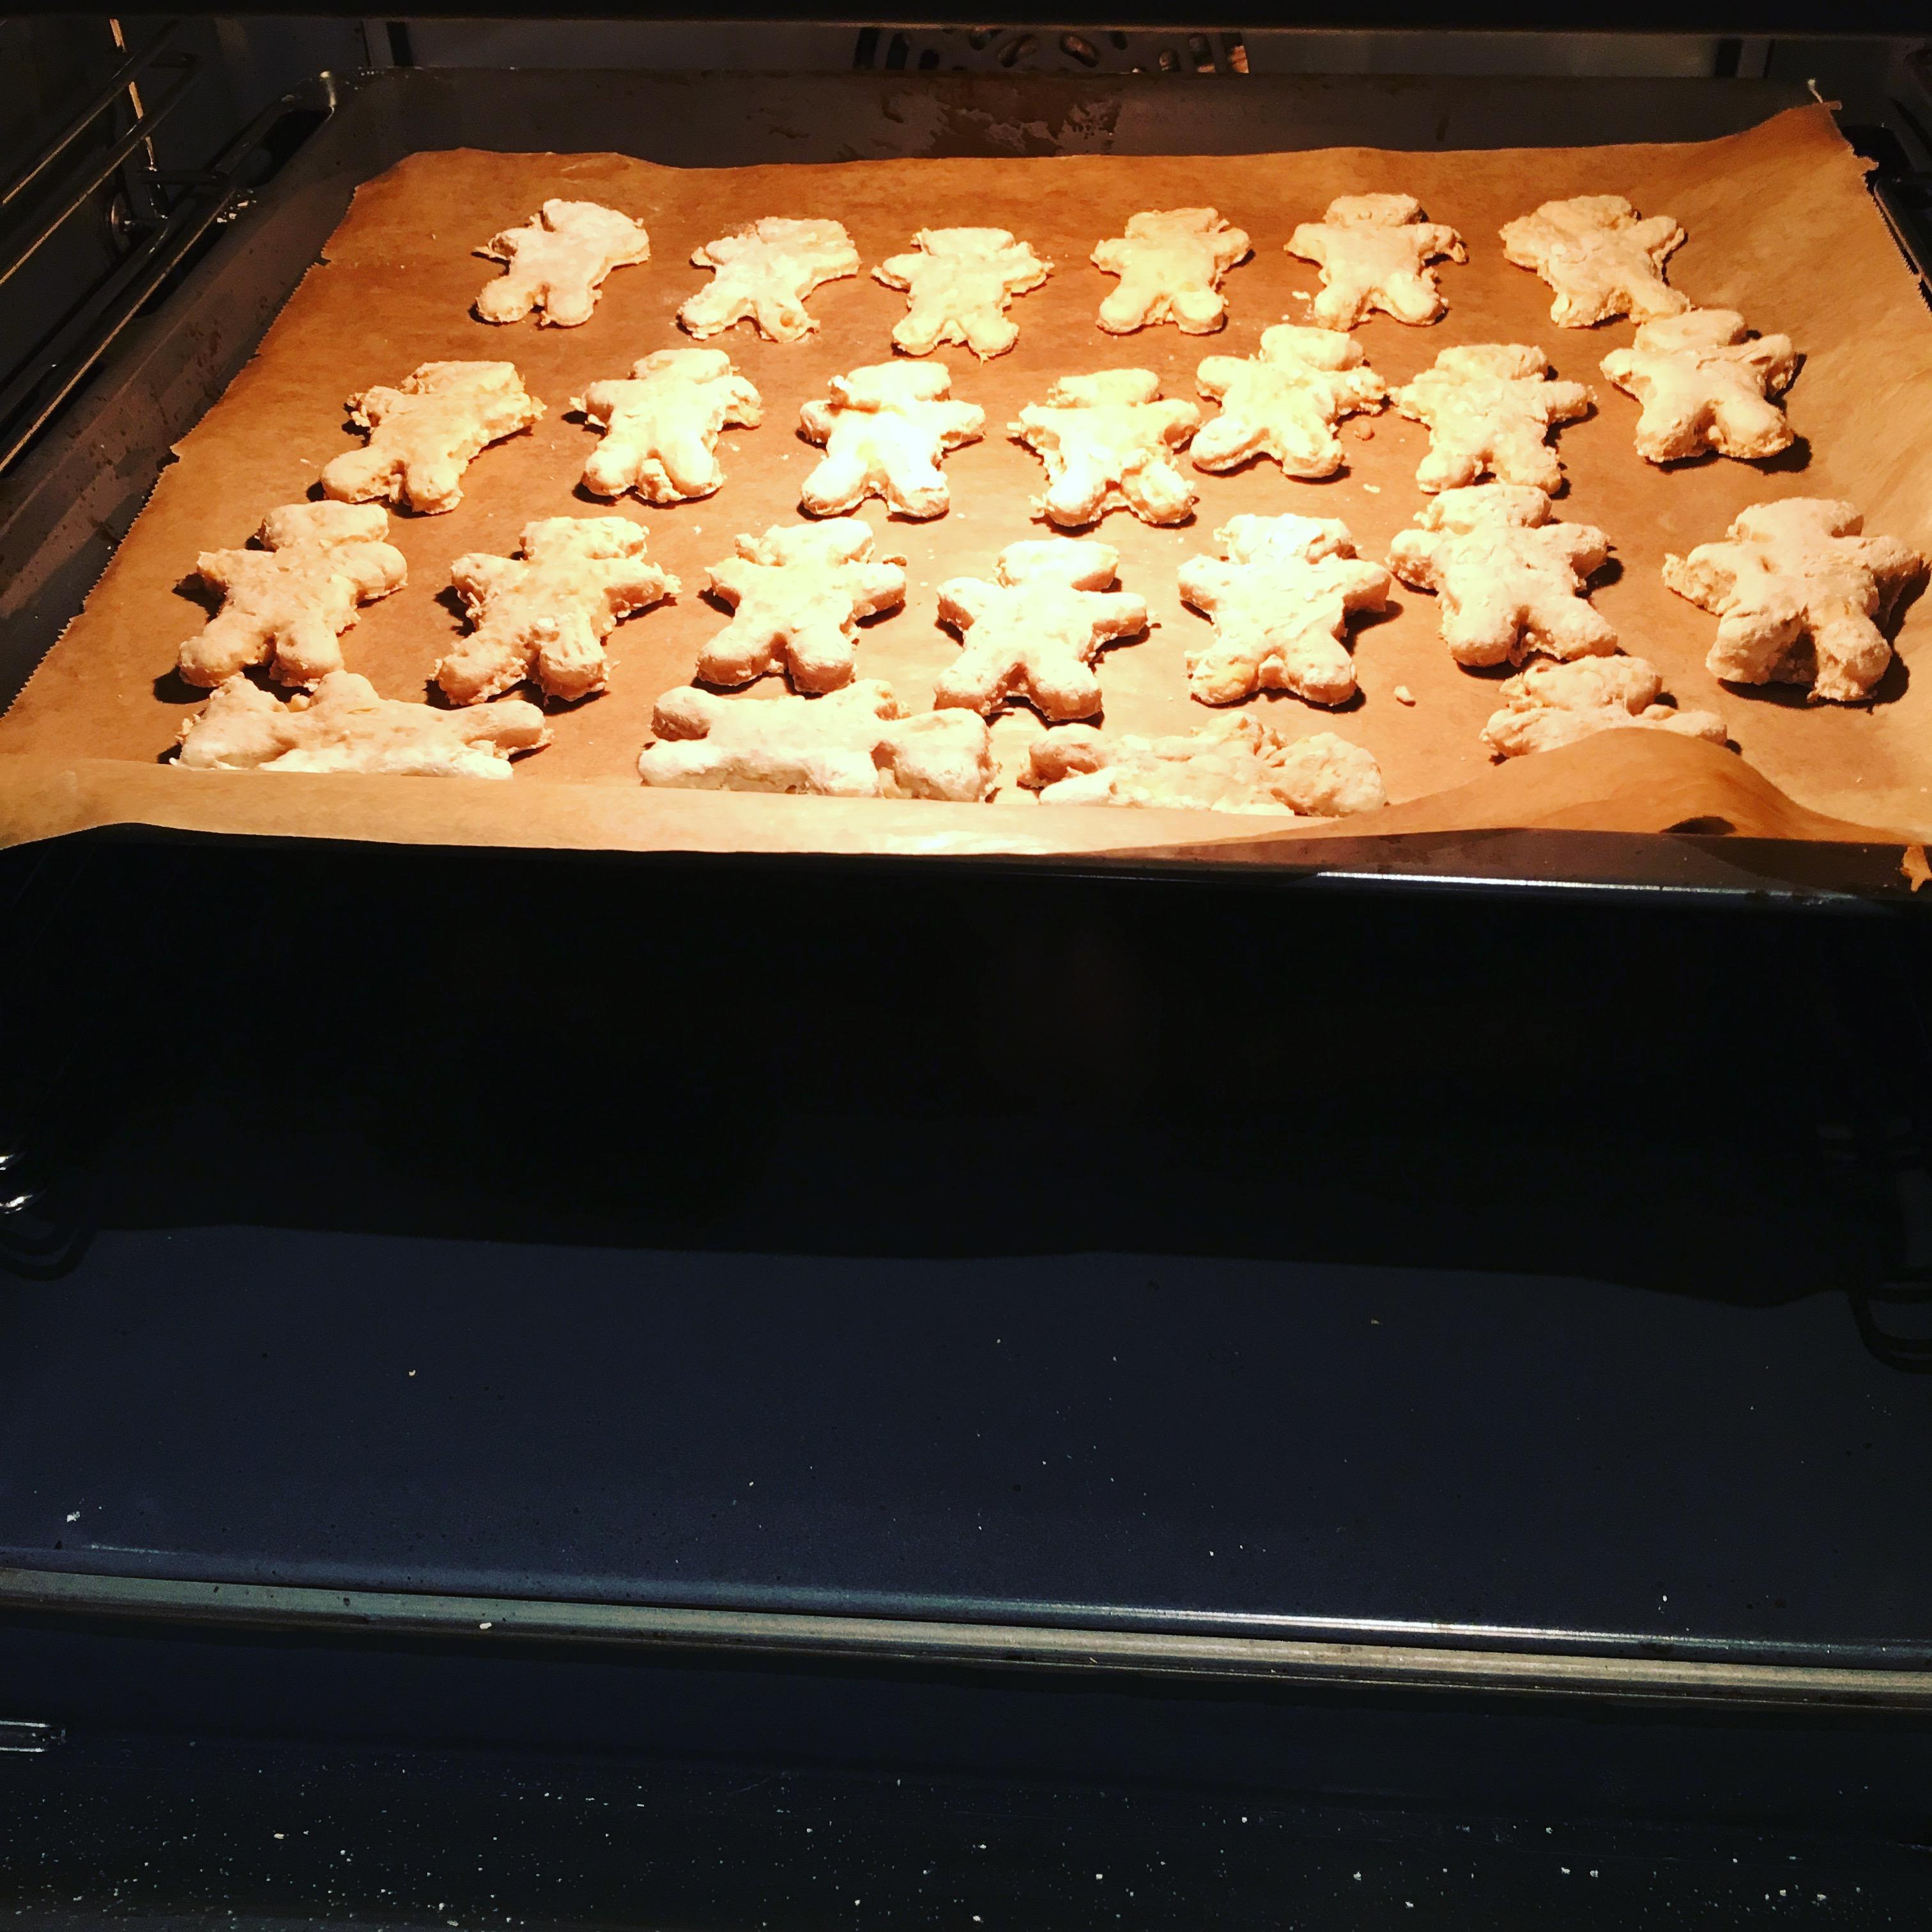 Kekse im Backofen